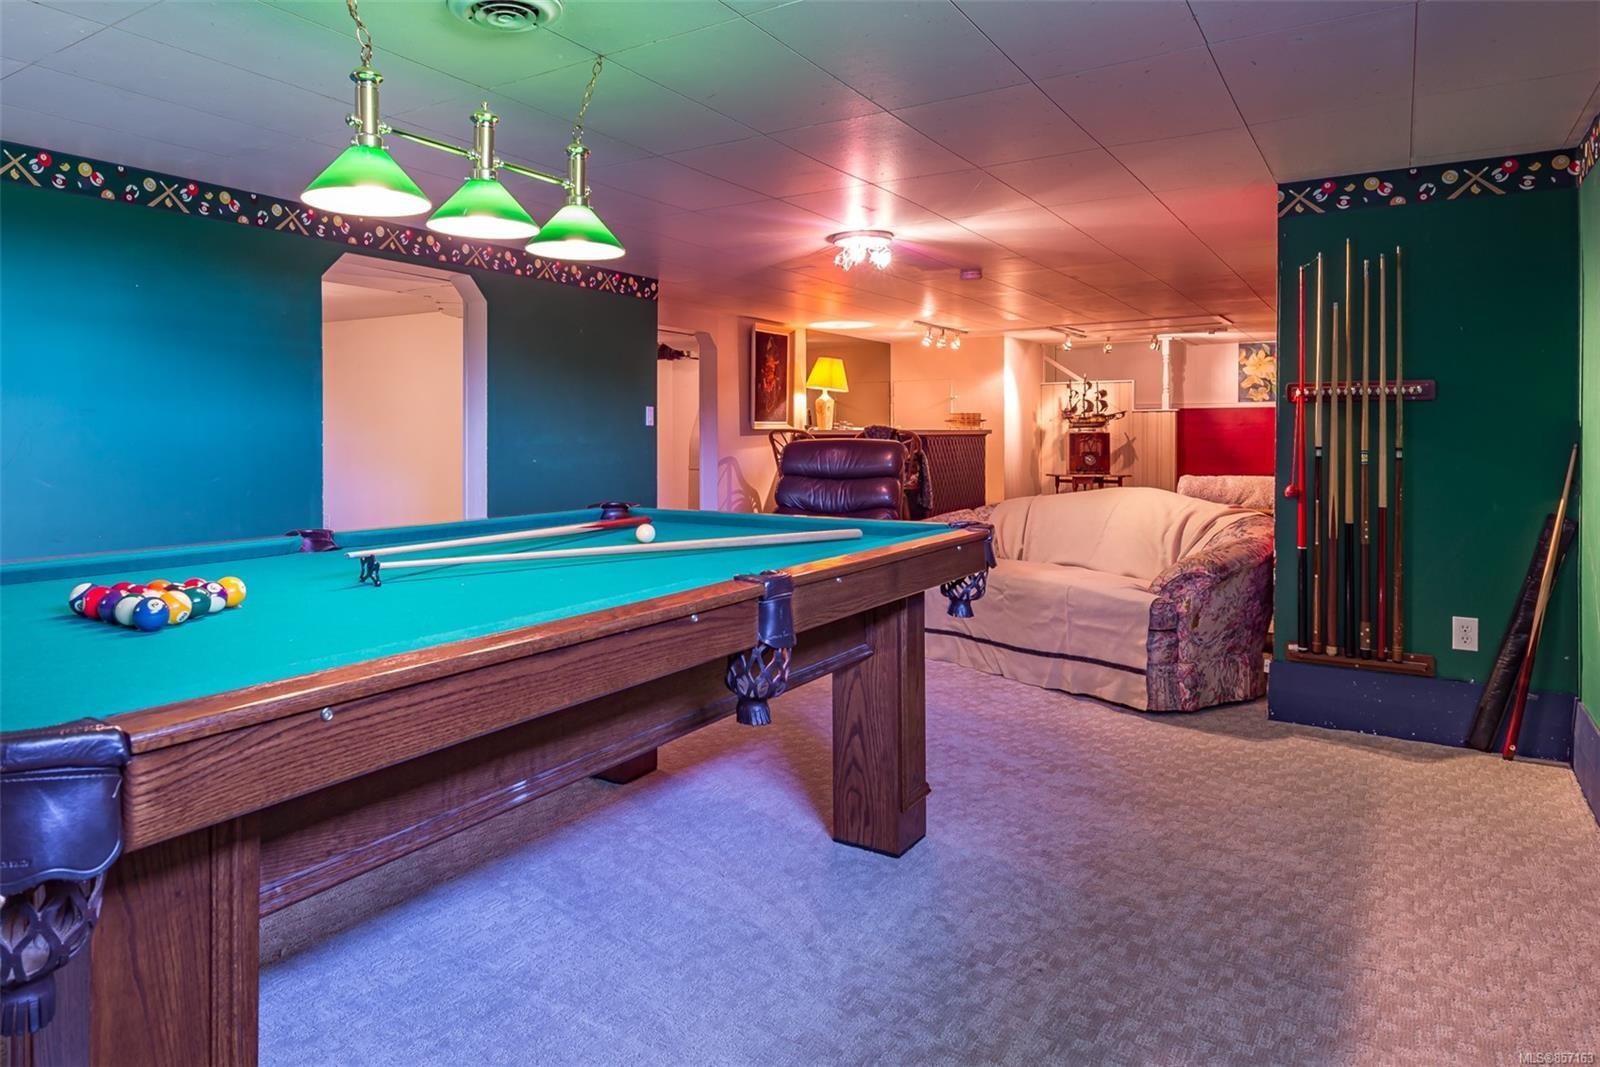 Photo 39: Photos: 4241 Buddington Rd in : CV Courtenay South House for sale (Comox Valley)  : MLS®# 857163